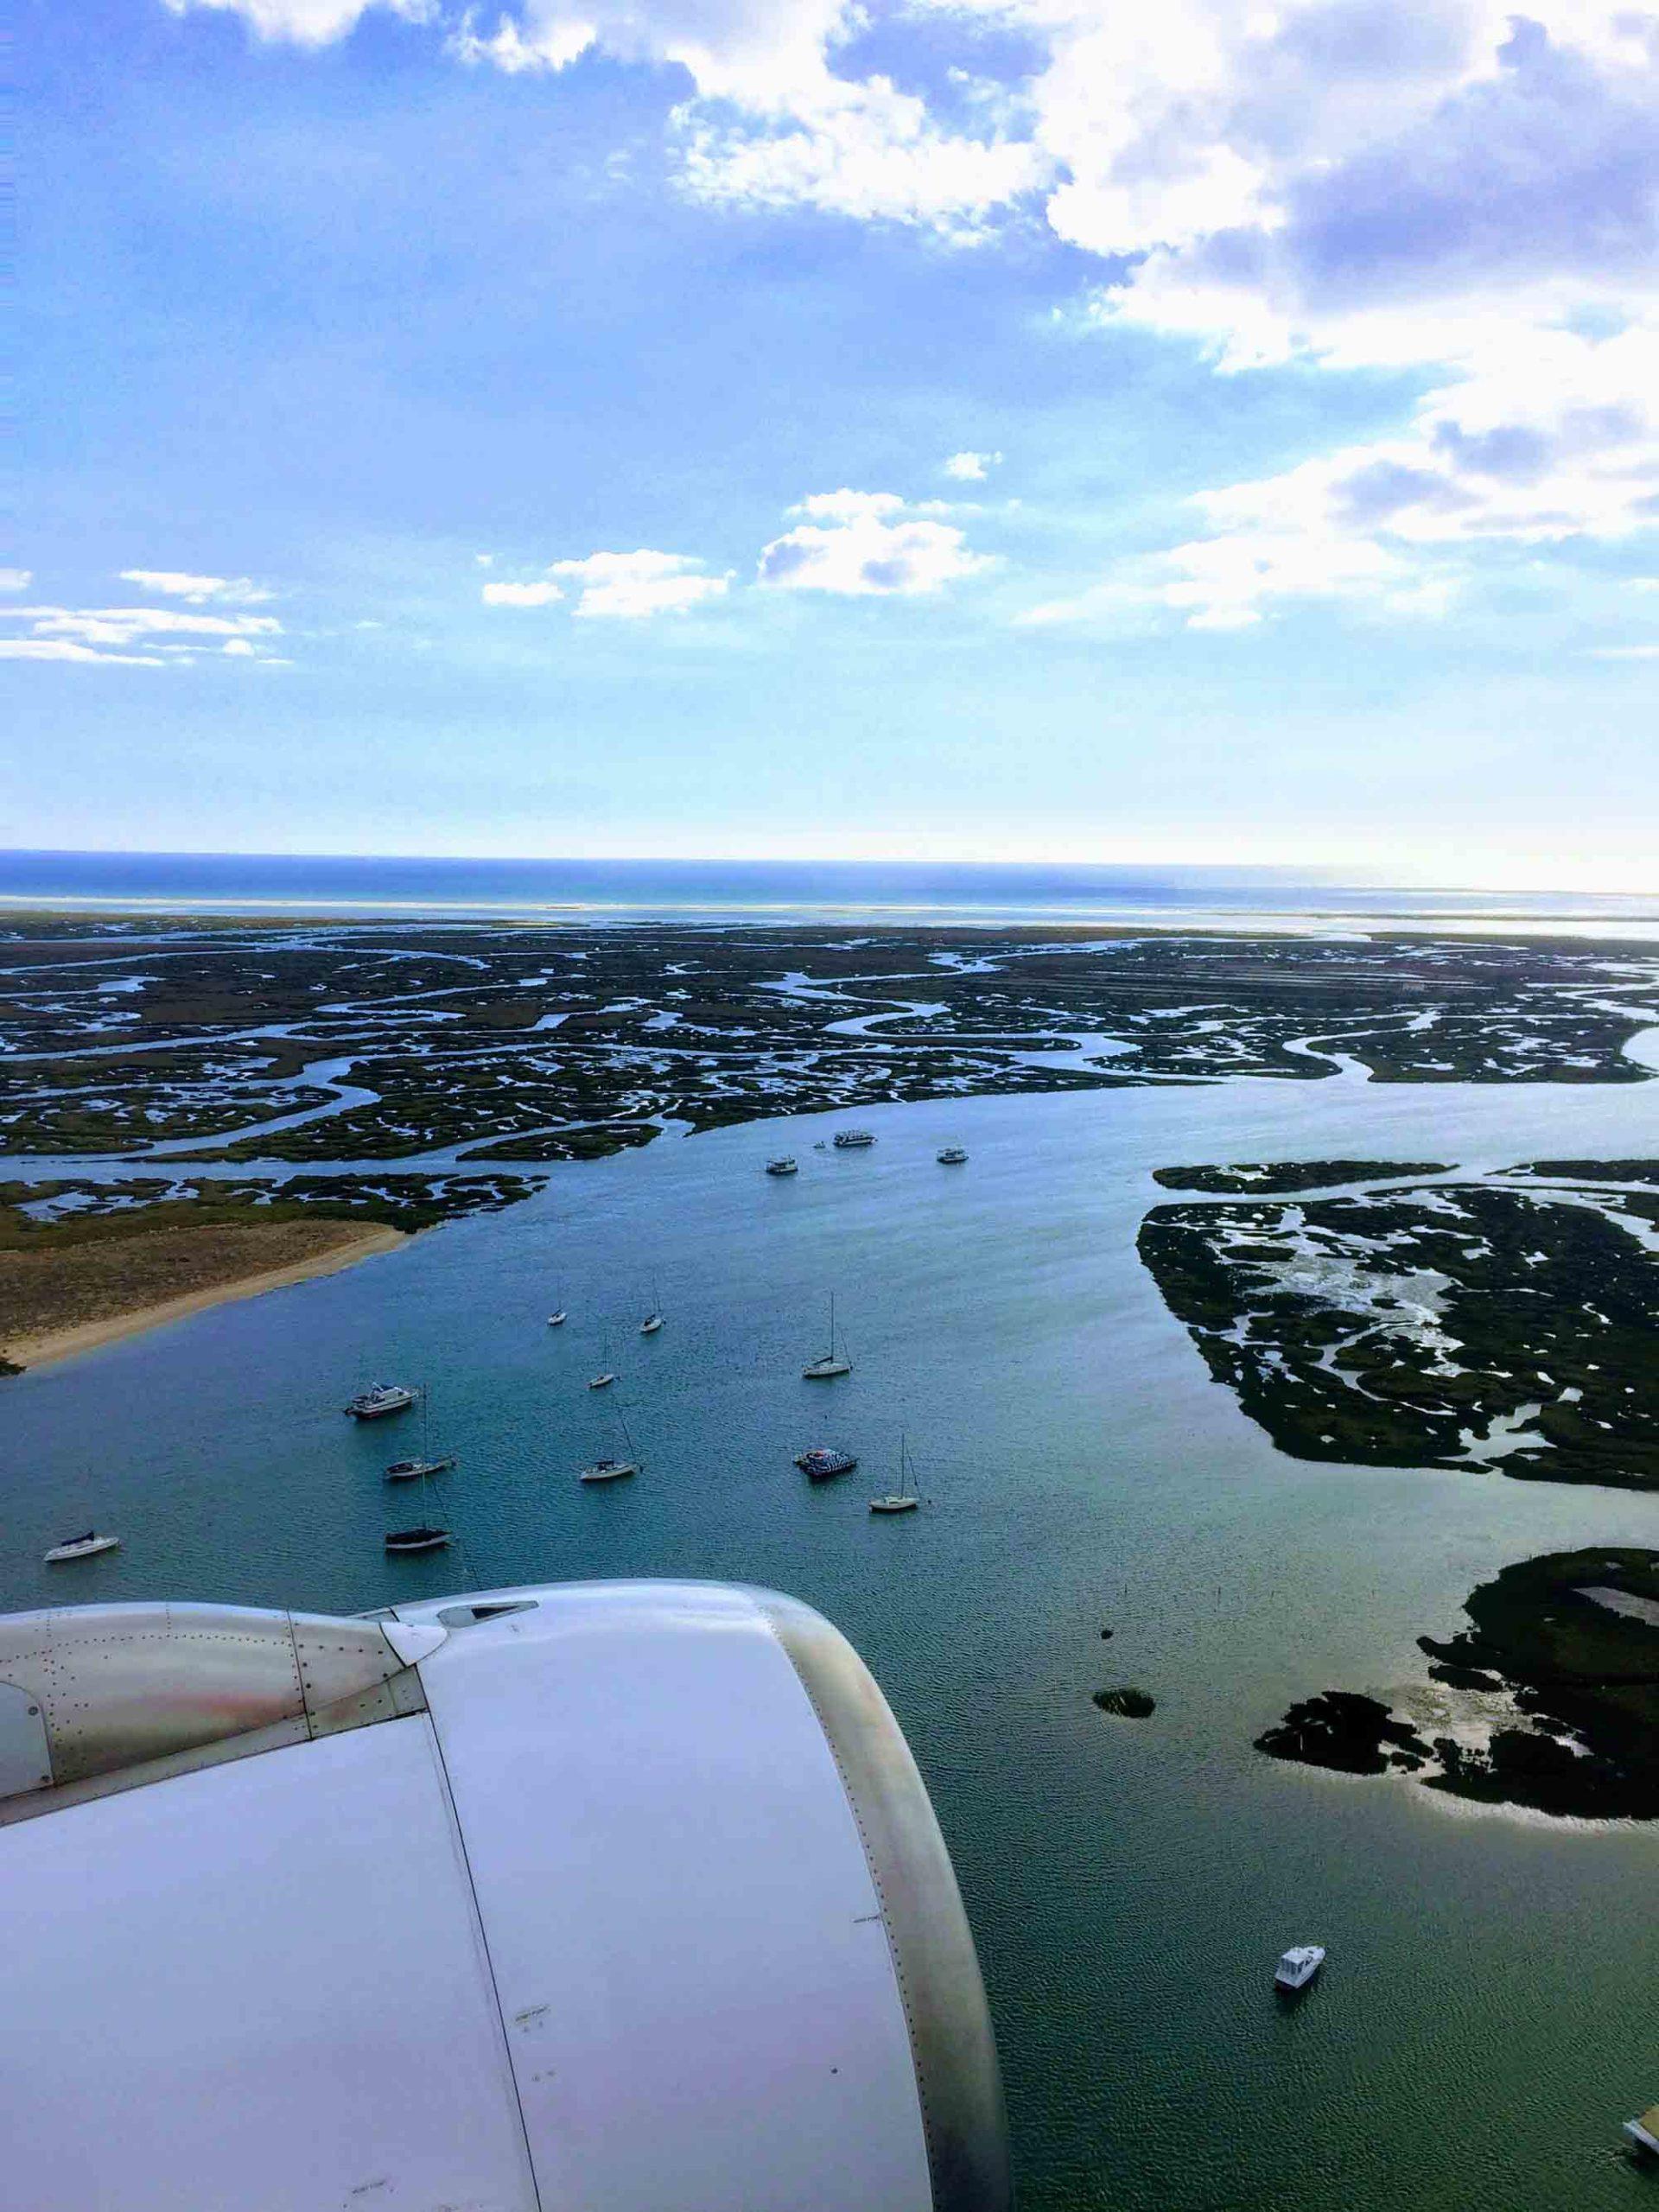 Landing at Faro Airport